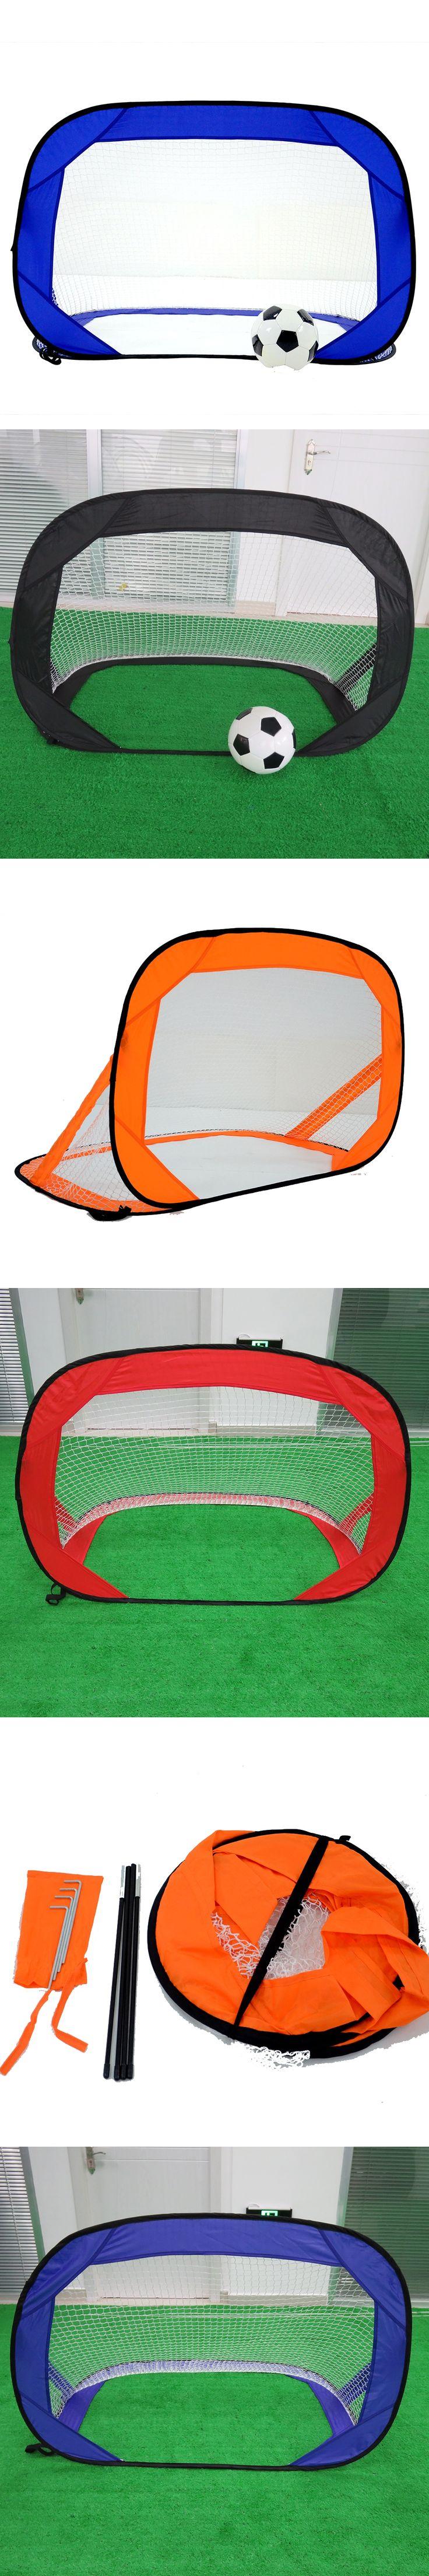 Kids Foldable Football Training Target Net Children Portable Soccer Goal Net Door Gate For Park Beach